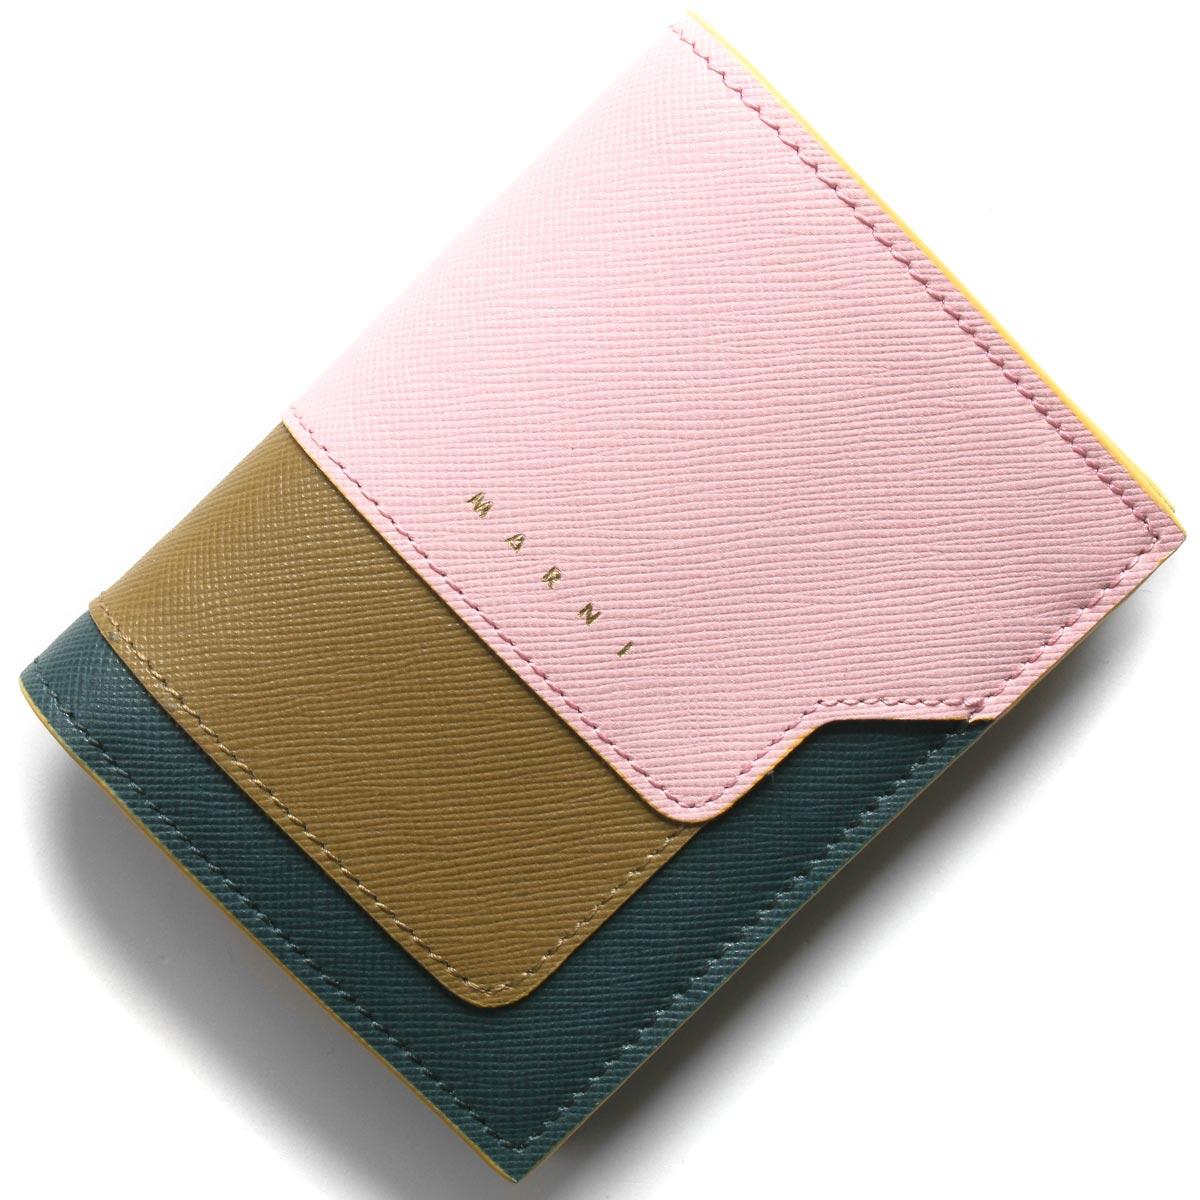 マルニ 二つ折り財布 財布 レディース スクエア シンダーローズ&タイムカーキ&ペトロリウムブルーグリーン&デューンベージュ PFMOQ14U13 LV520 Z272Y 2020年春夏新作 MARNI